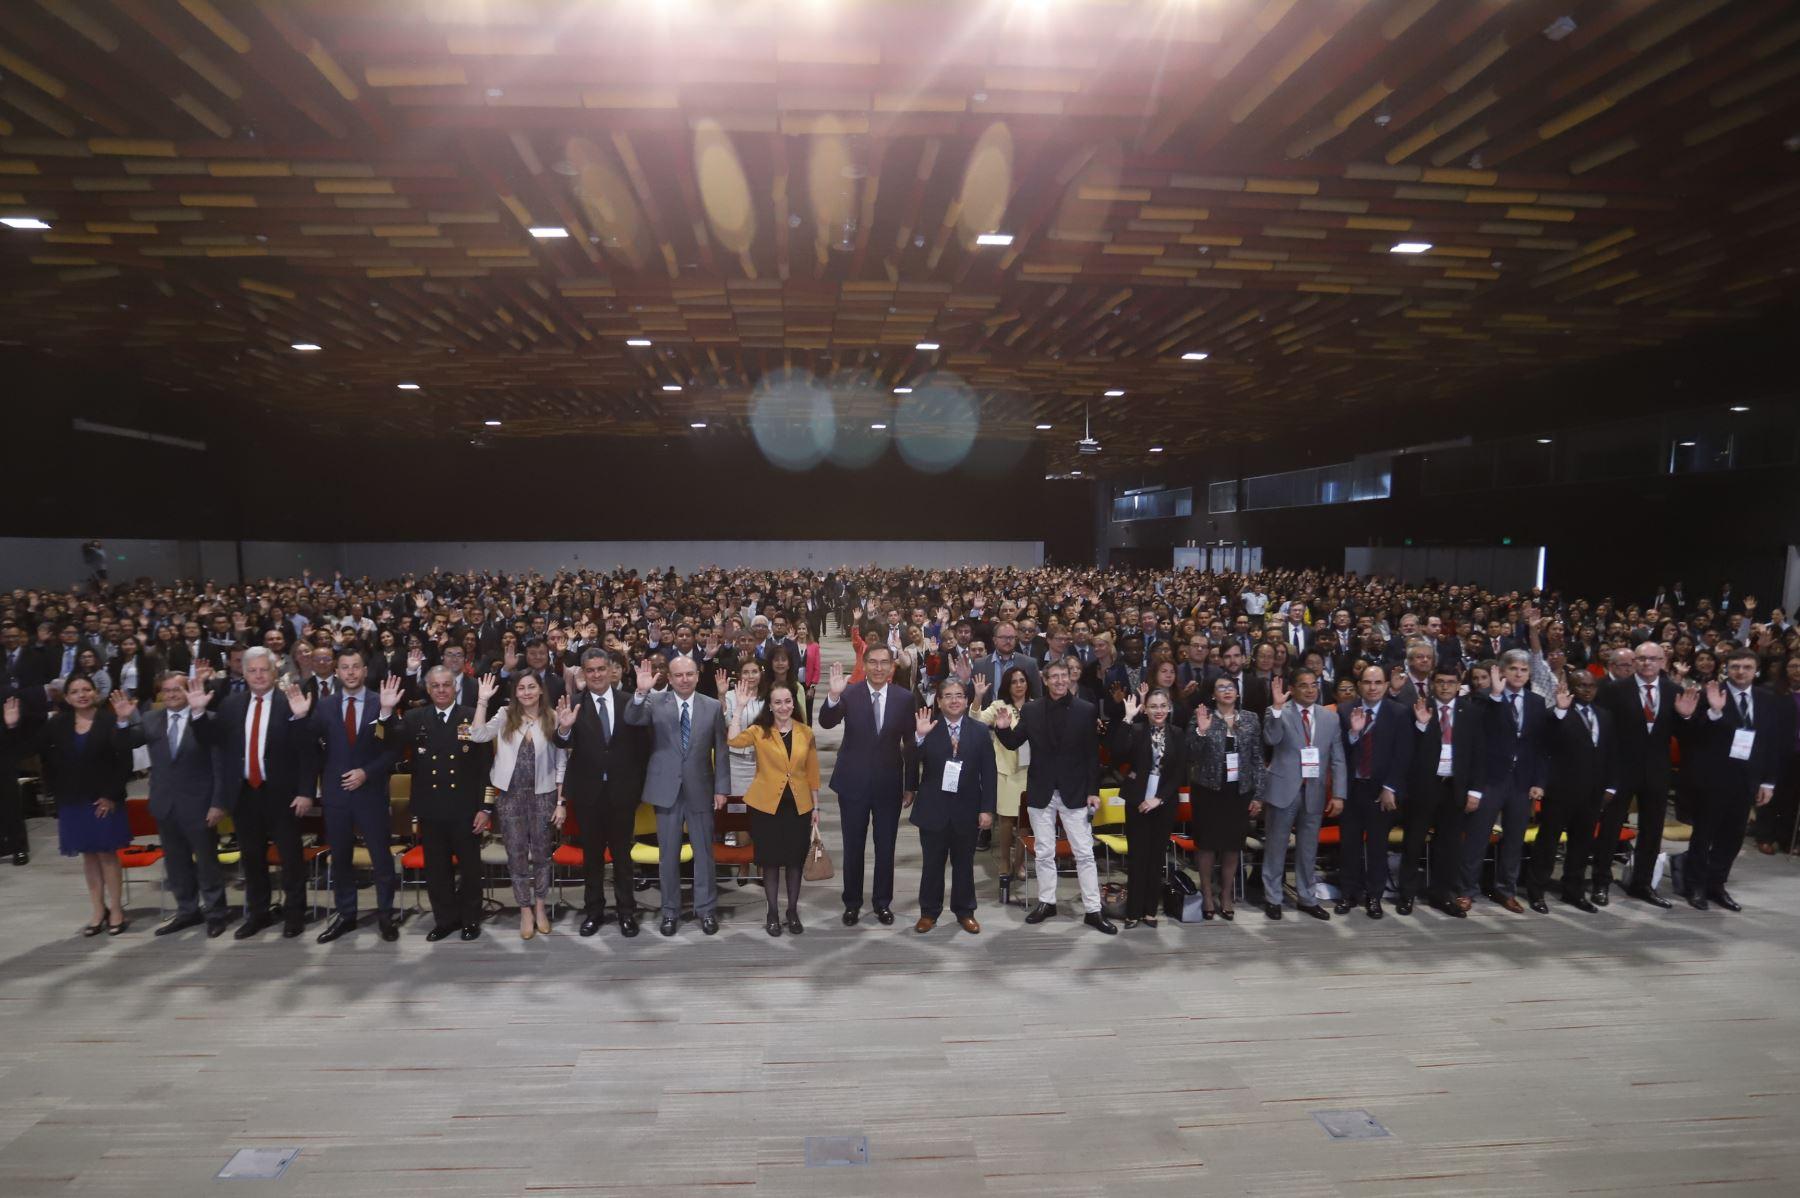 Presidente de la República asistió a la Inauguración de la Conferencia Anual Internacional por la Integridad CAII 2019, organizada por la Contraloría General de la República.Foto: ANDINA/ Prensa Presidencia